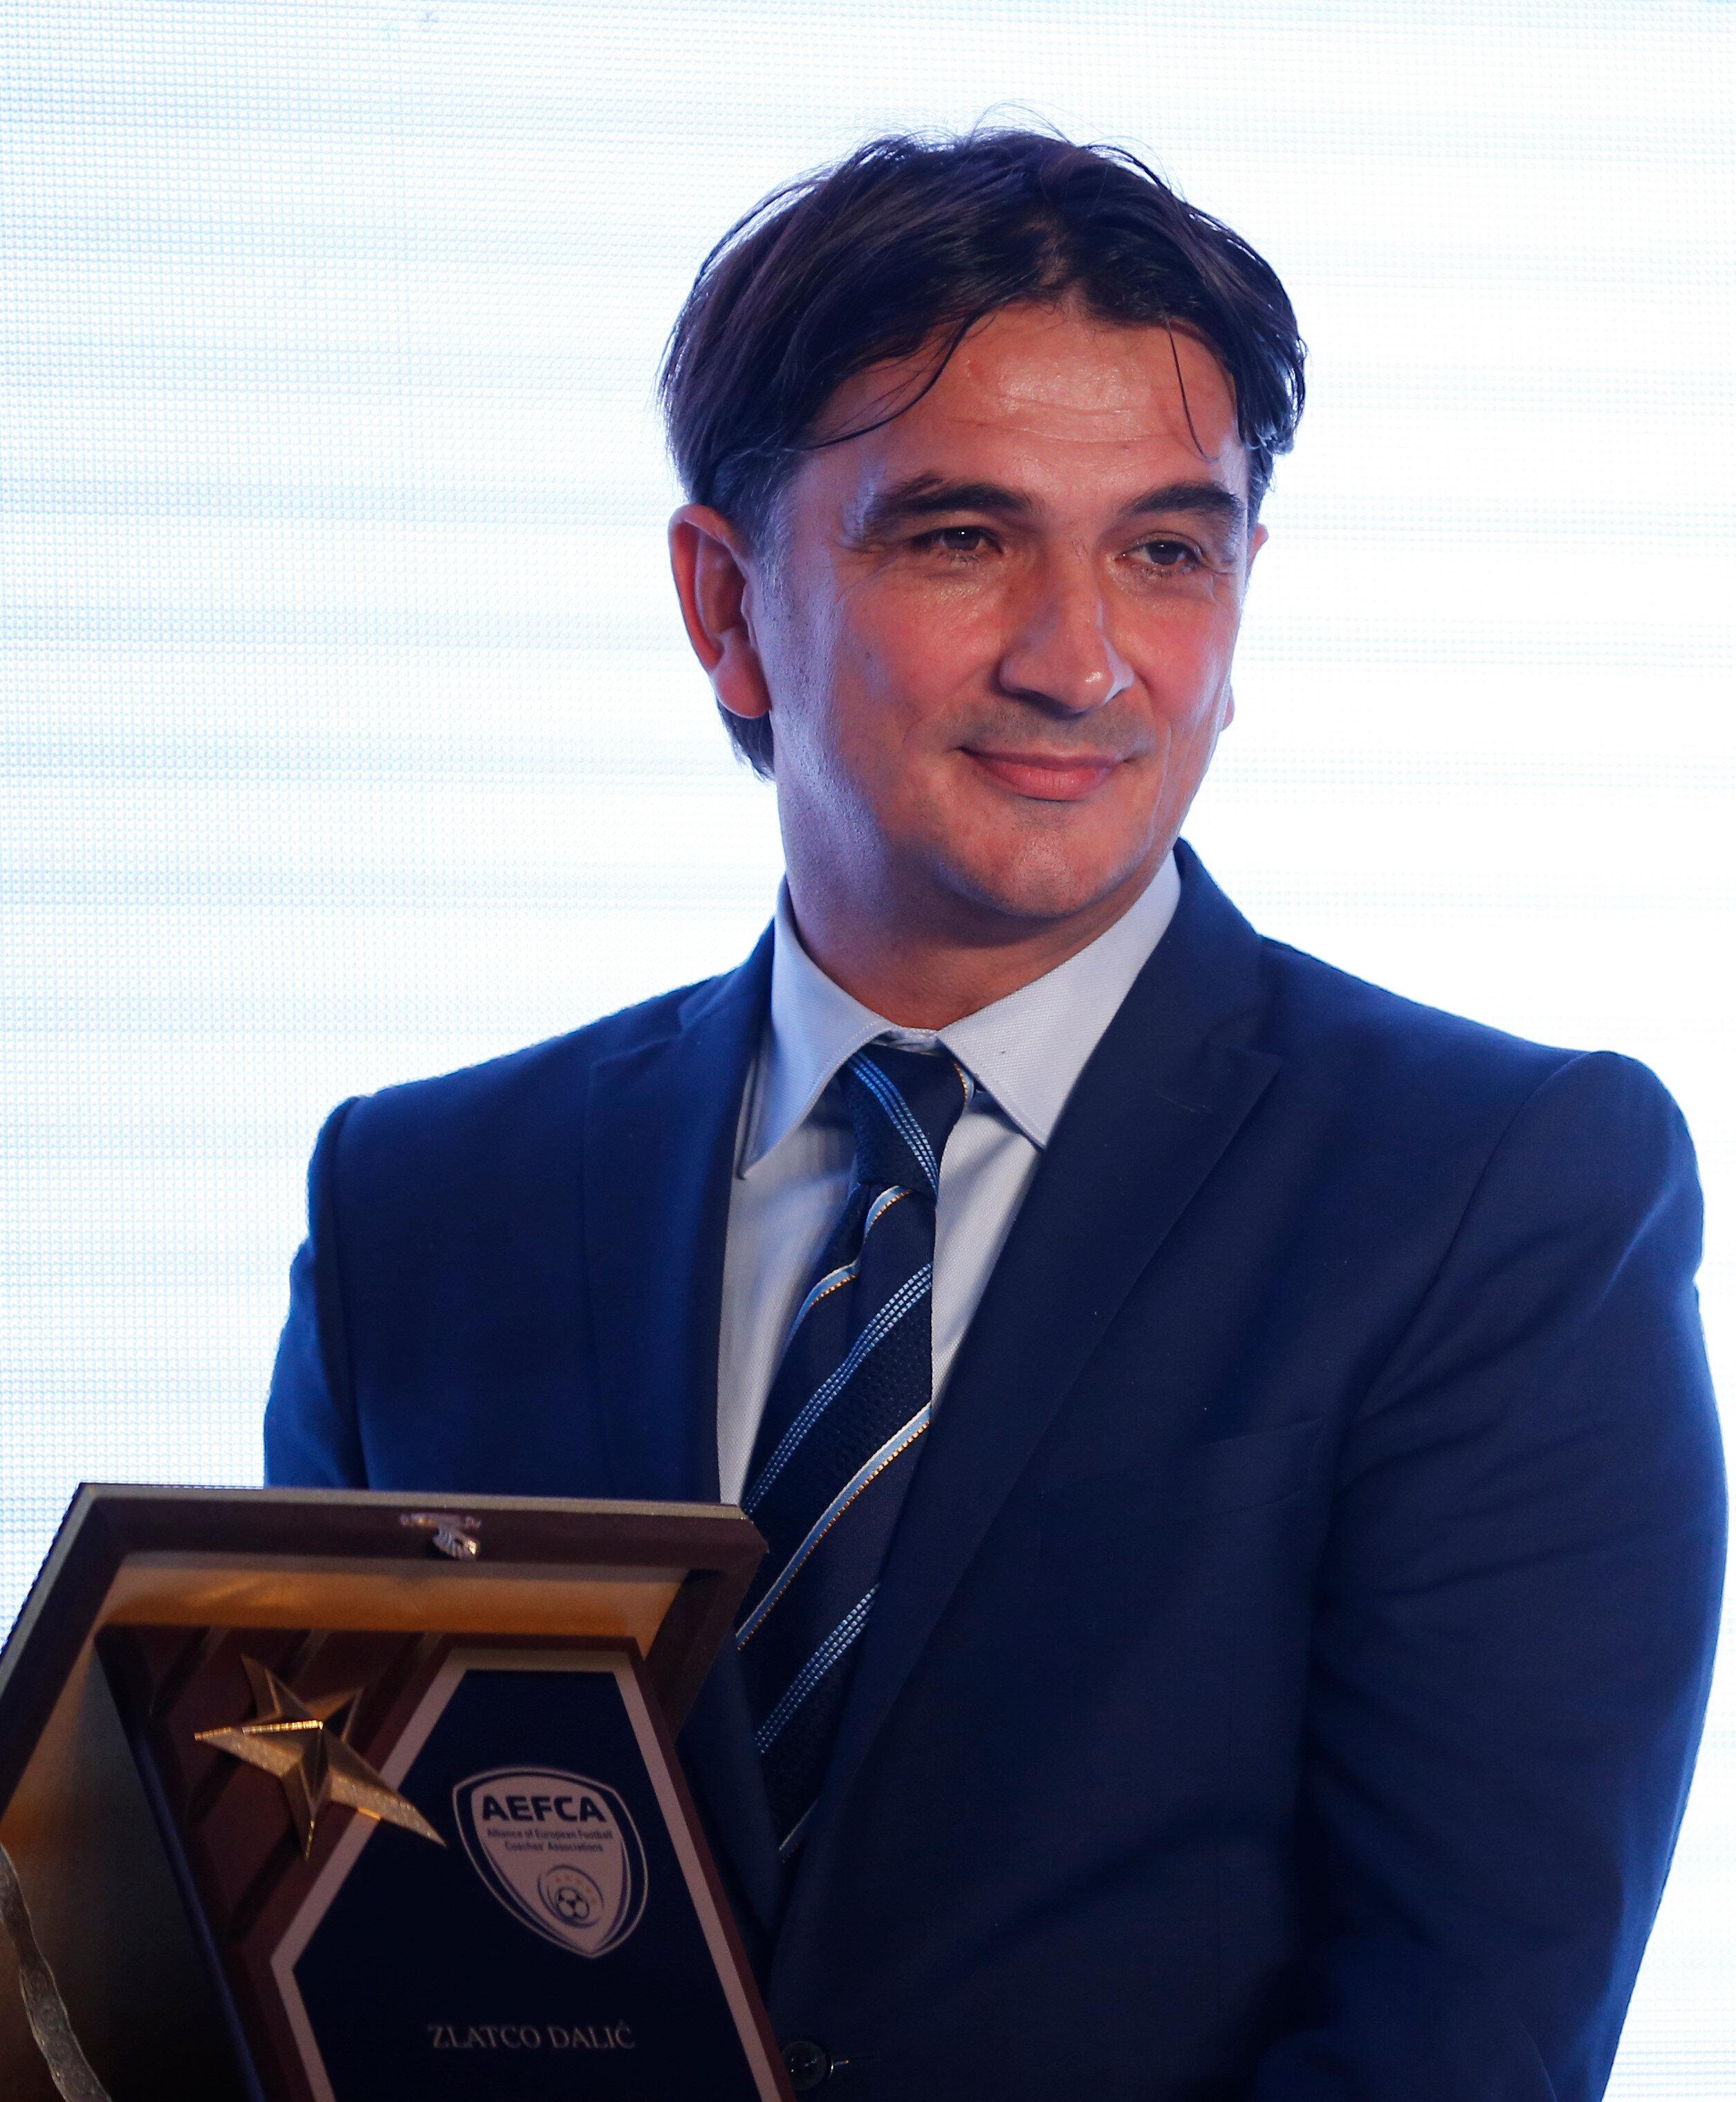 Dalic, Avrupa'da yılın en iyi antrenörü ödülünü aldı.